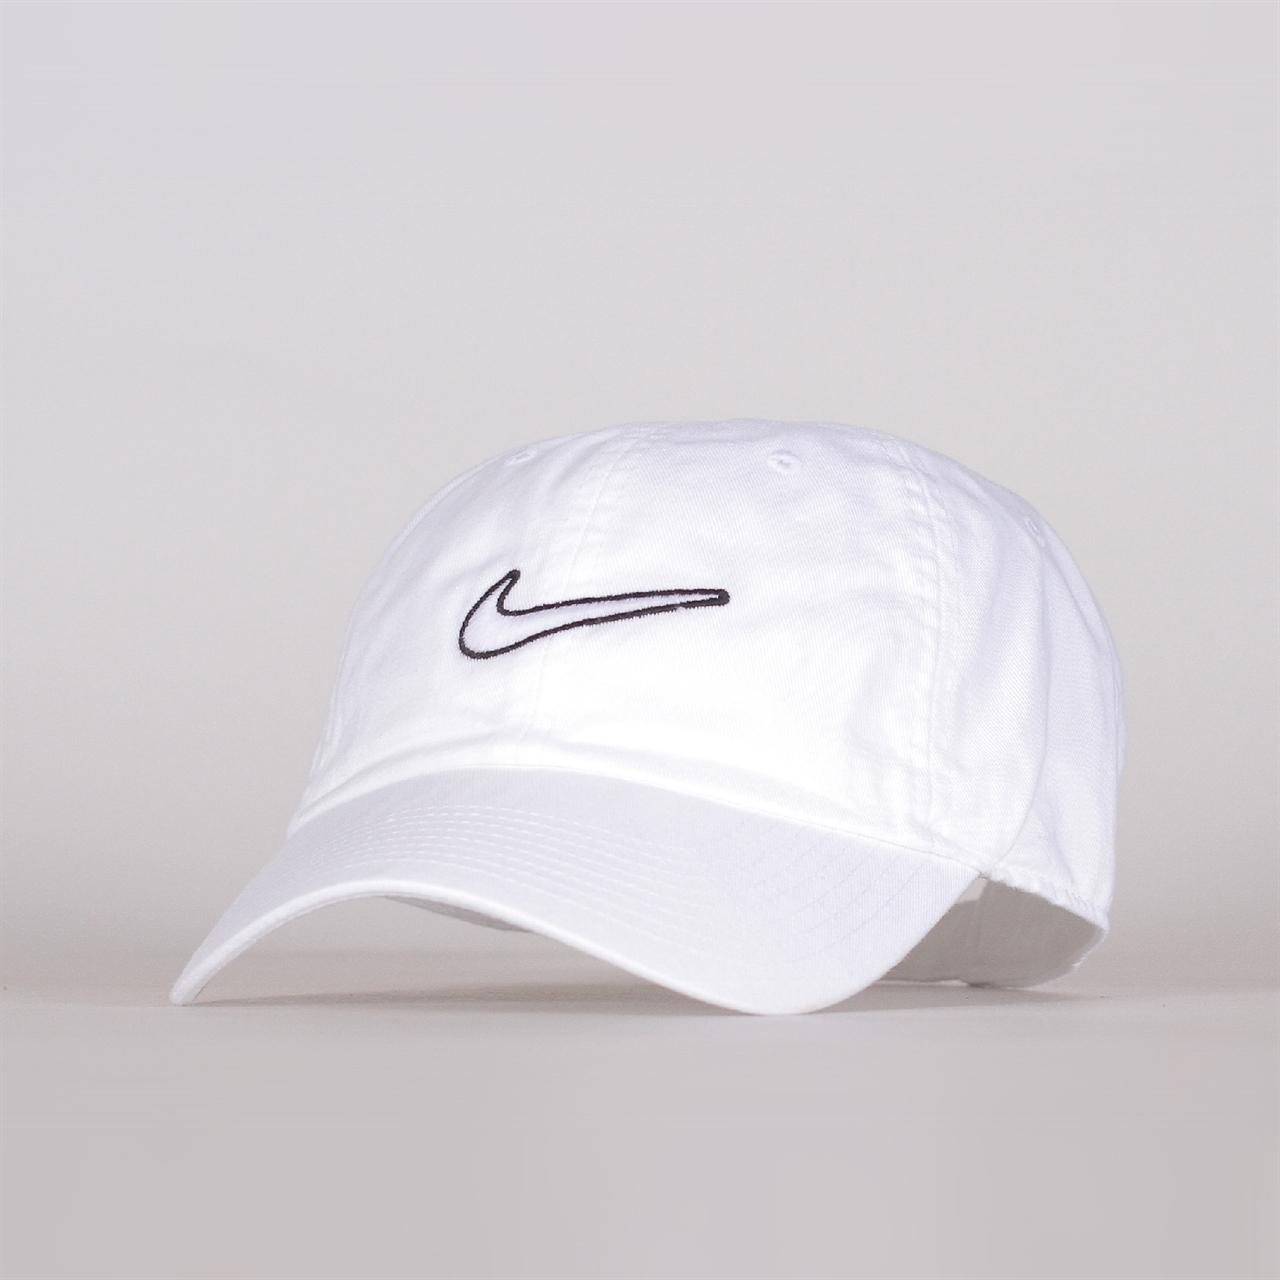 ce64a6c1076 Shelta - Nike Sportswear H86 Essential Swoosh Cap (943091-100)